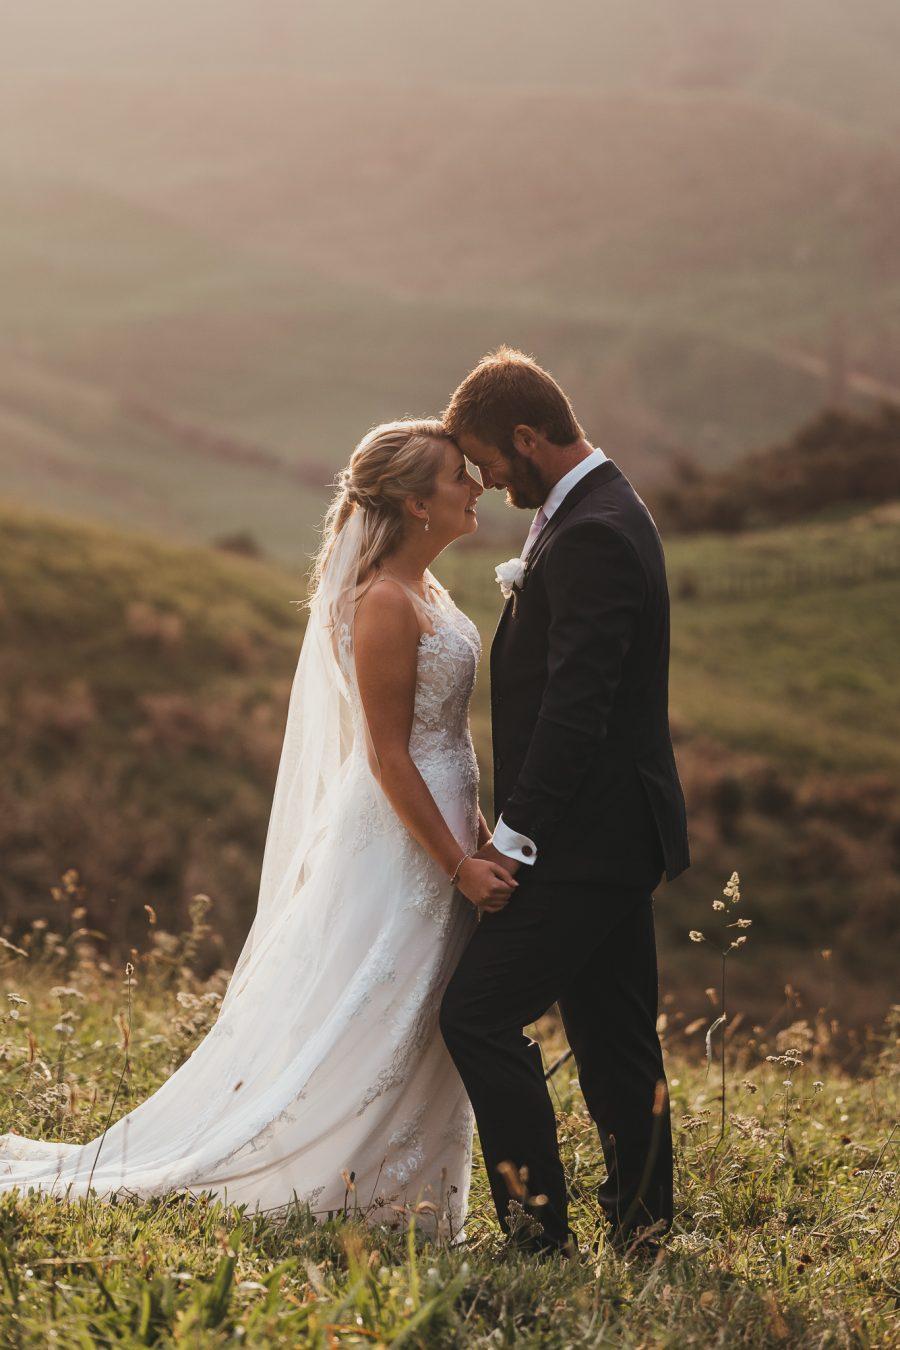 Happy bride and groom at golden hour in Bay of Plenty Hills